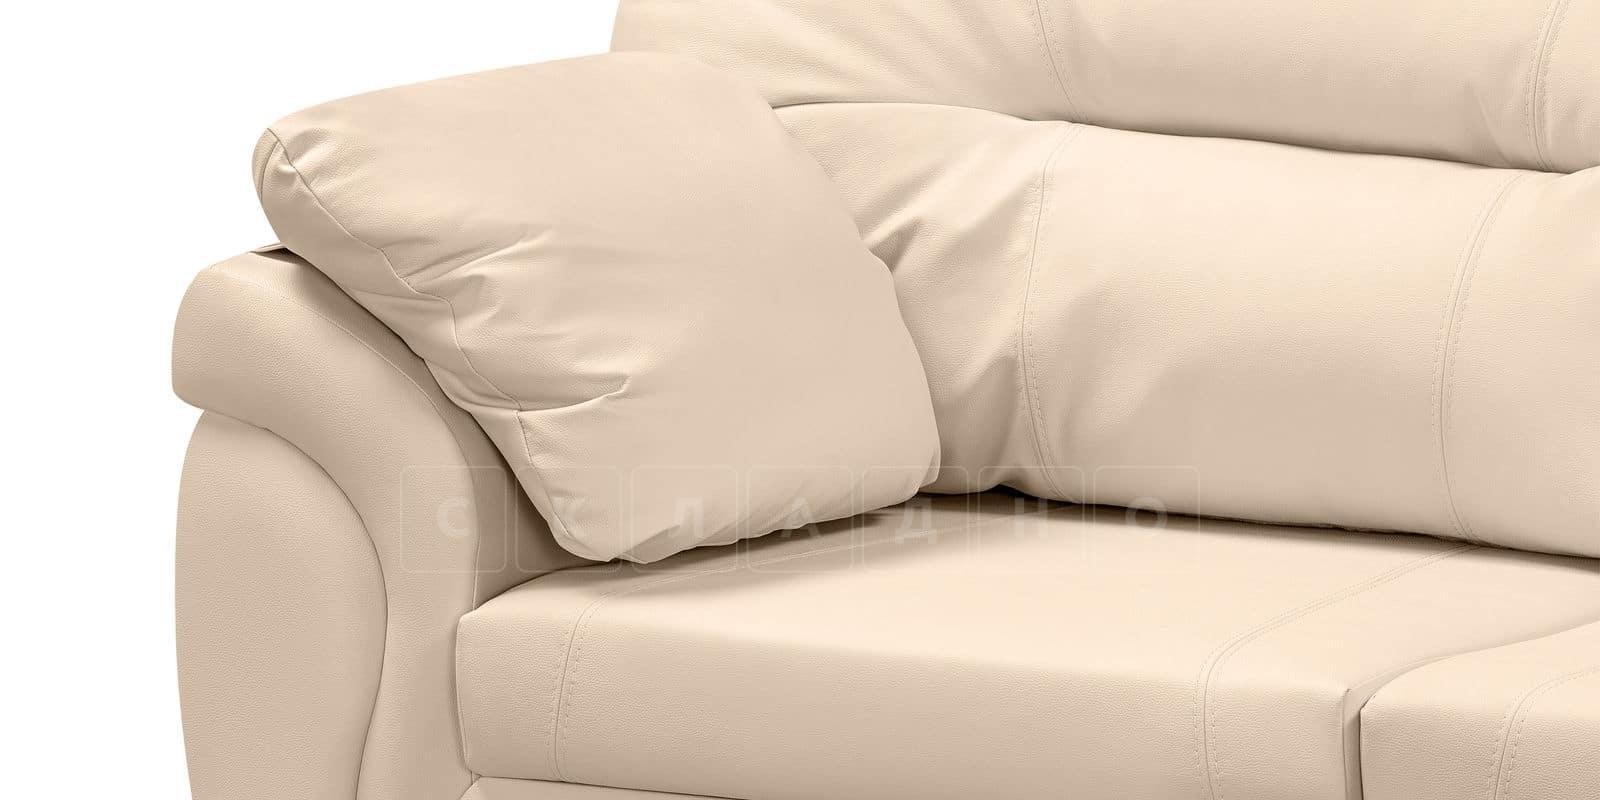 Диван угловой Бристоль кожаный бежевого цвета правый угол фото 7 | интернет-магазин Складно